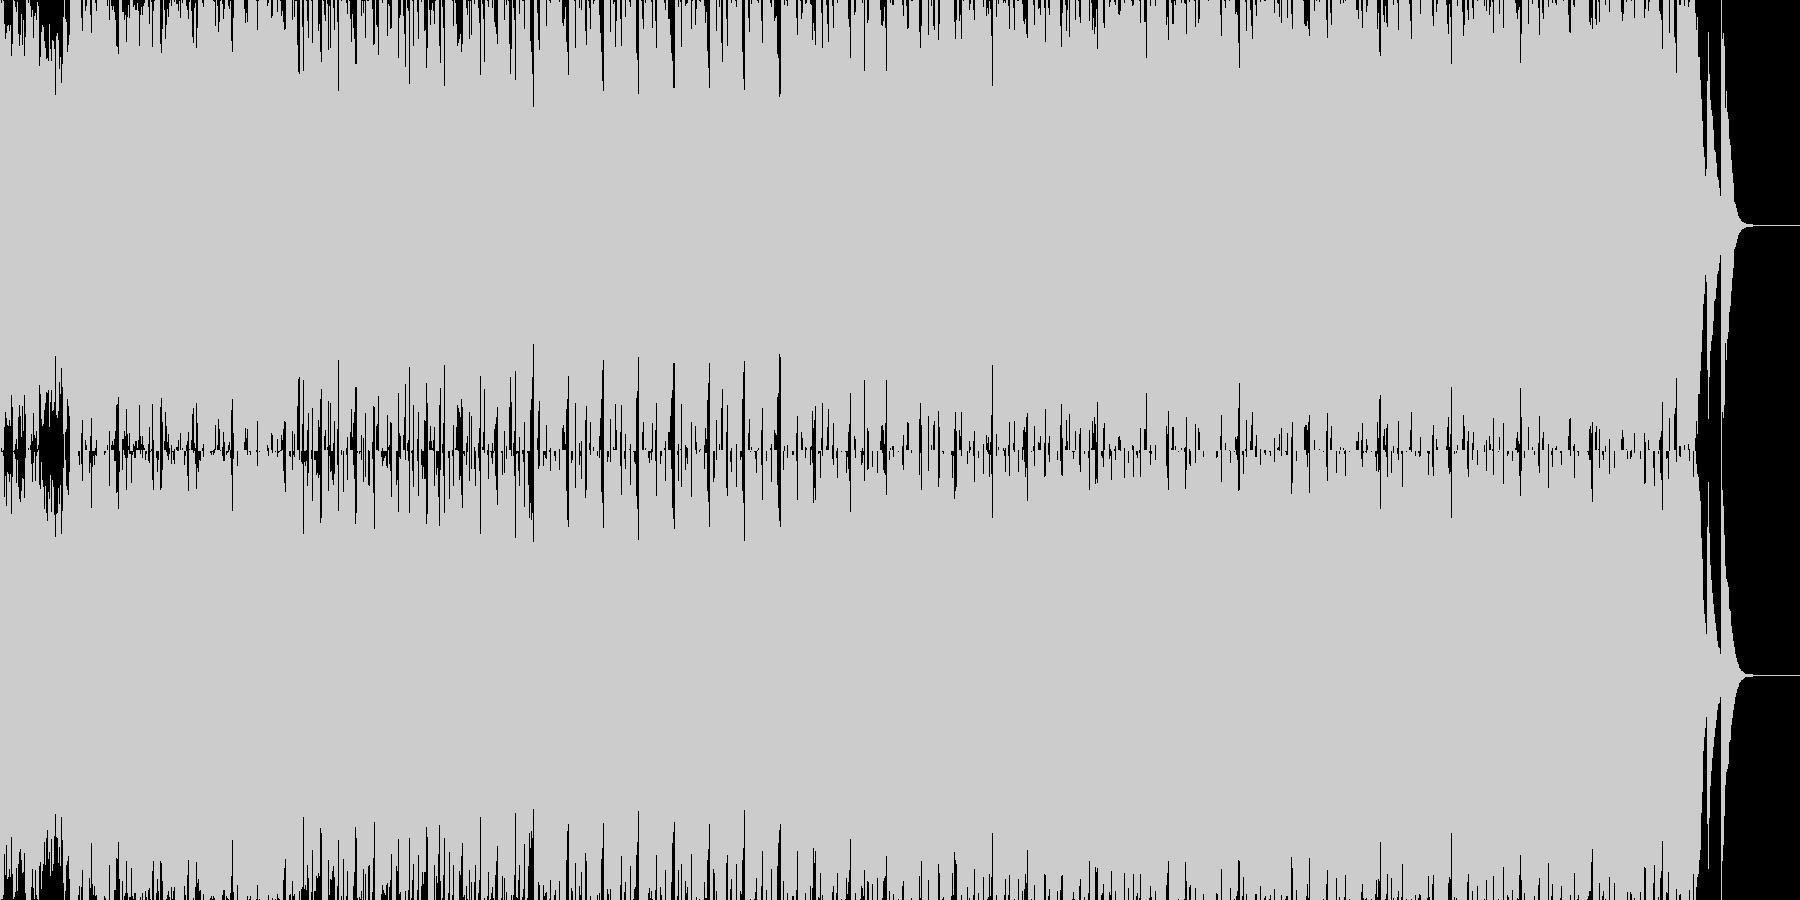 80年代ぽい哀愁なハウスミュージックの未再生の波形